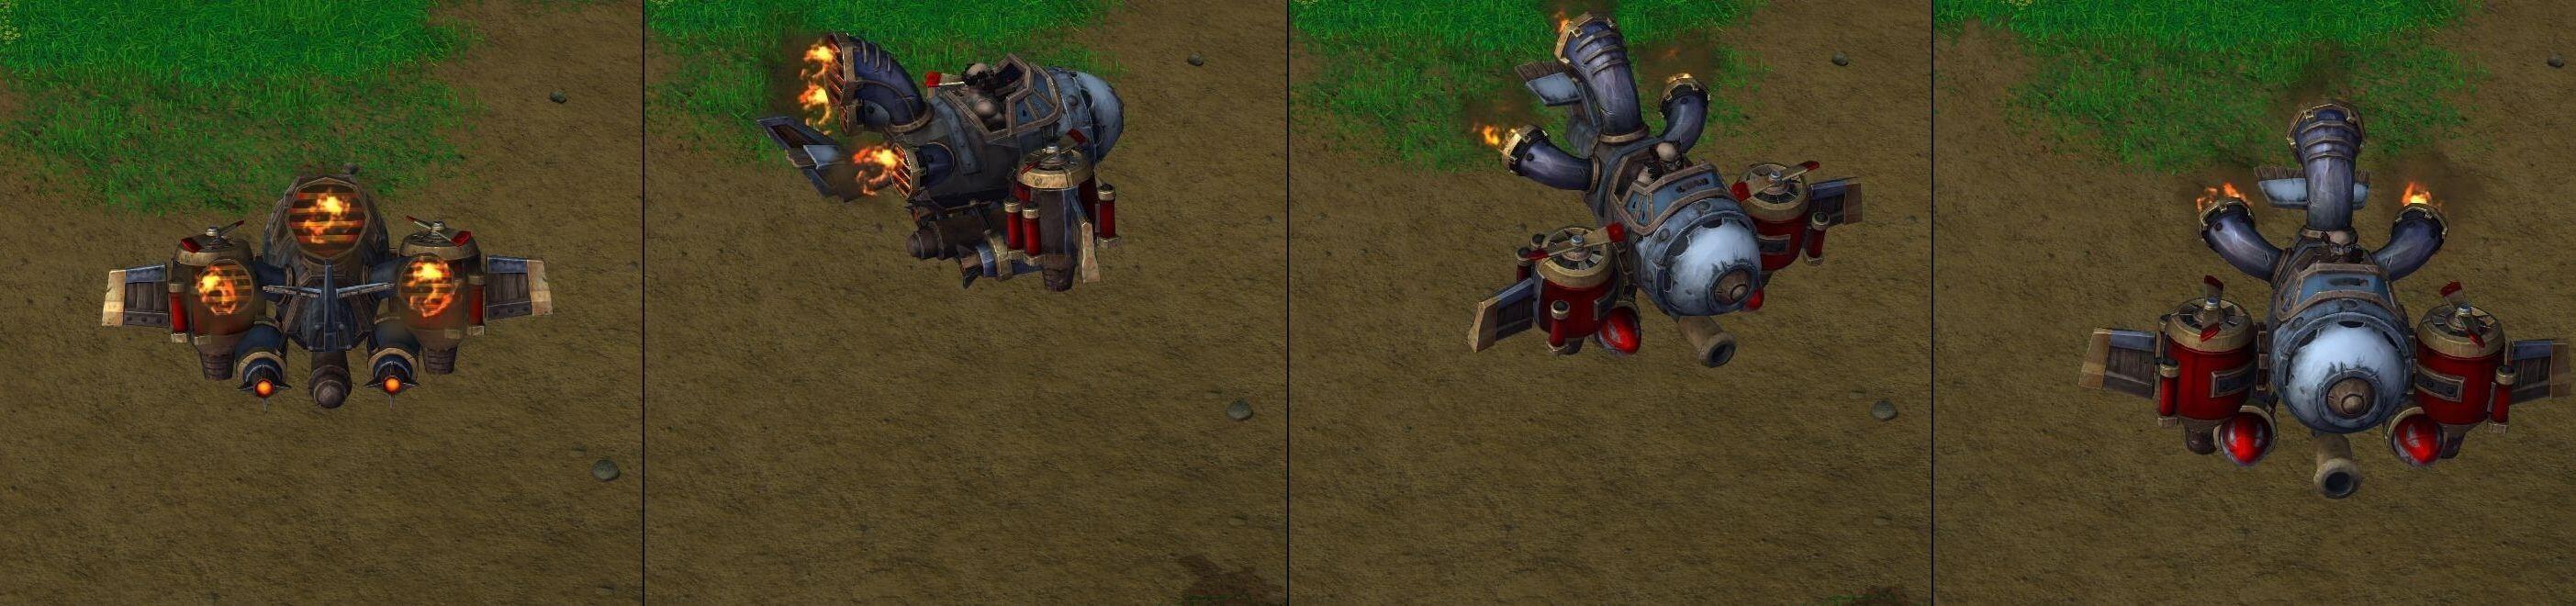 Вертолет Warcraft lll